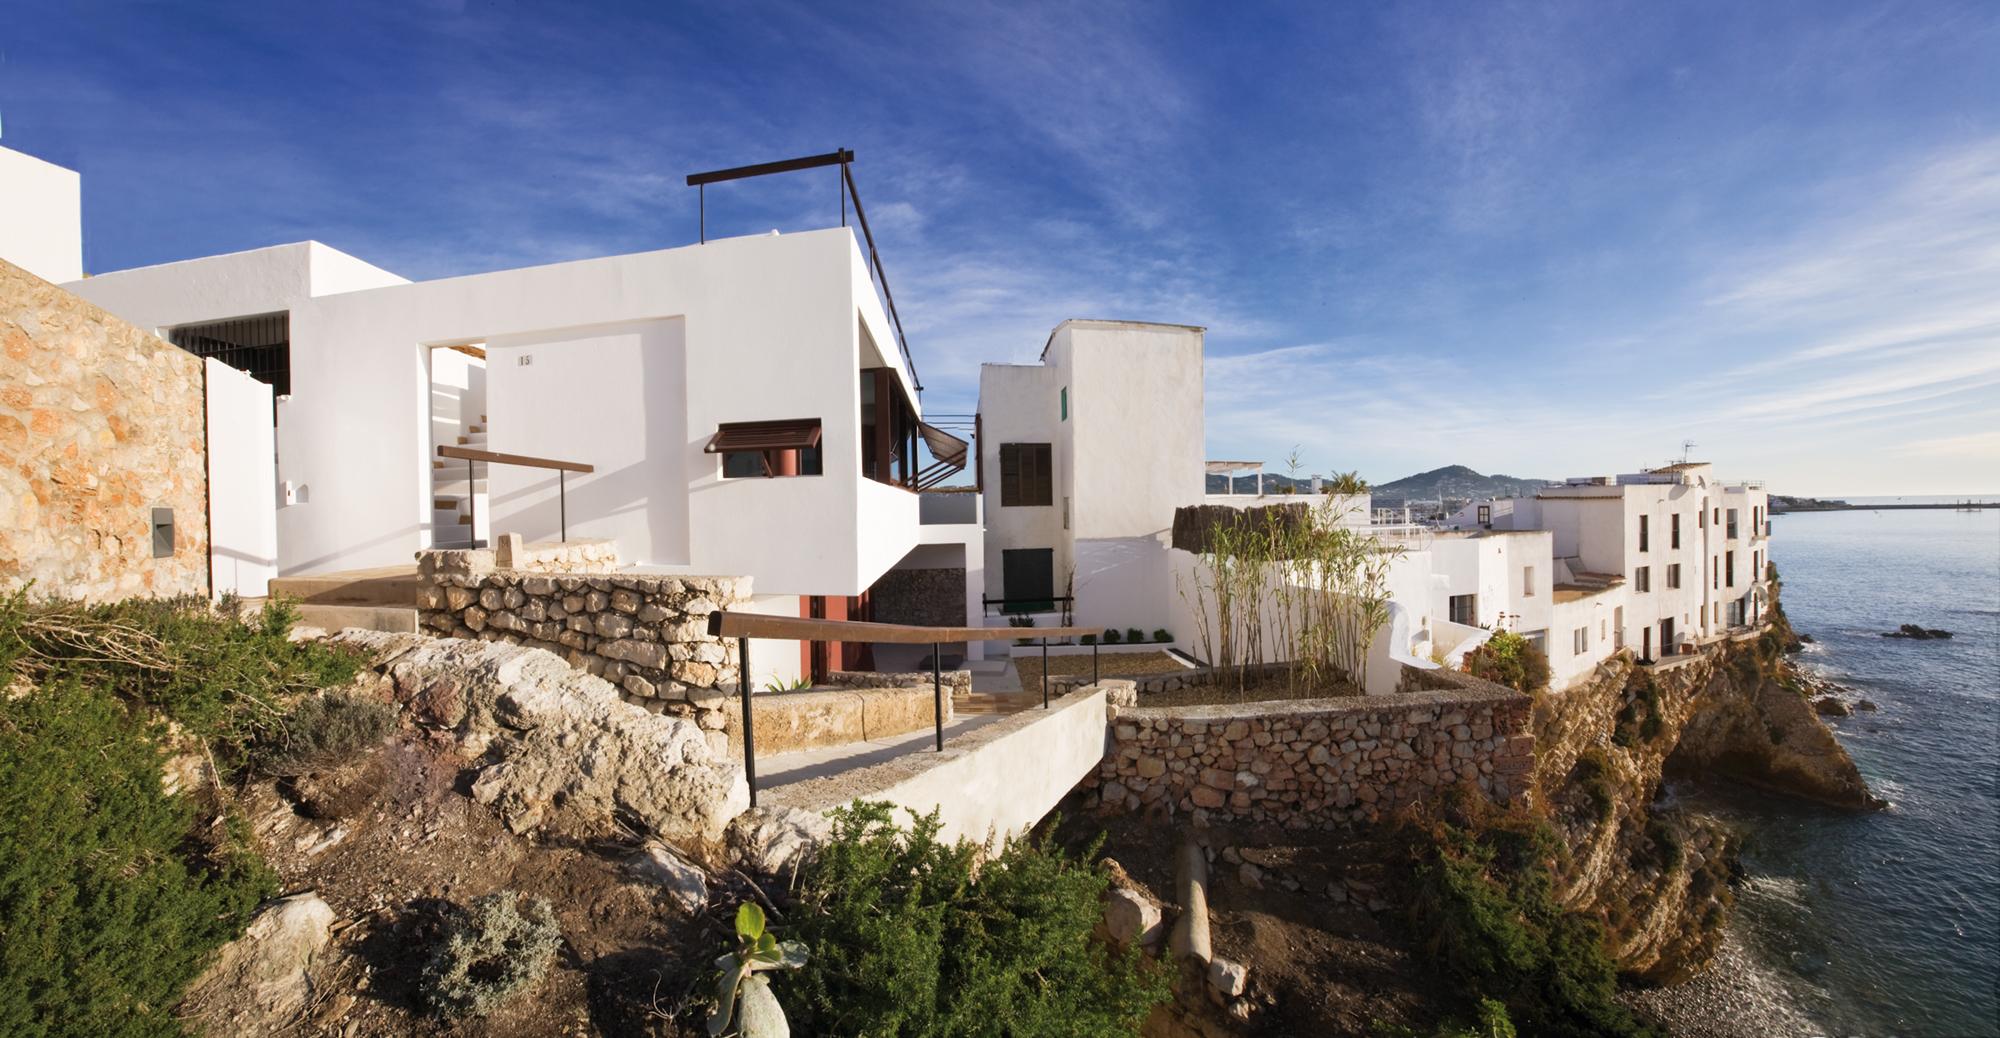 Arquitectos en ibiza ricardo bofill taller de summer house in ibiza photos xavi duran aabe - Arquitectos ibiza ...